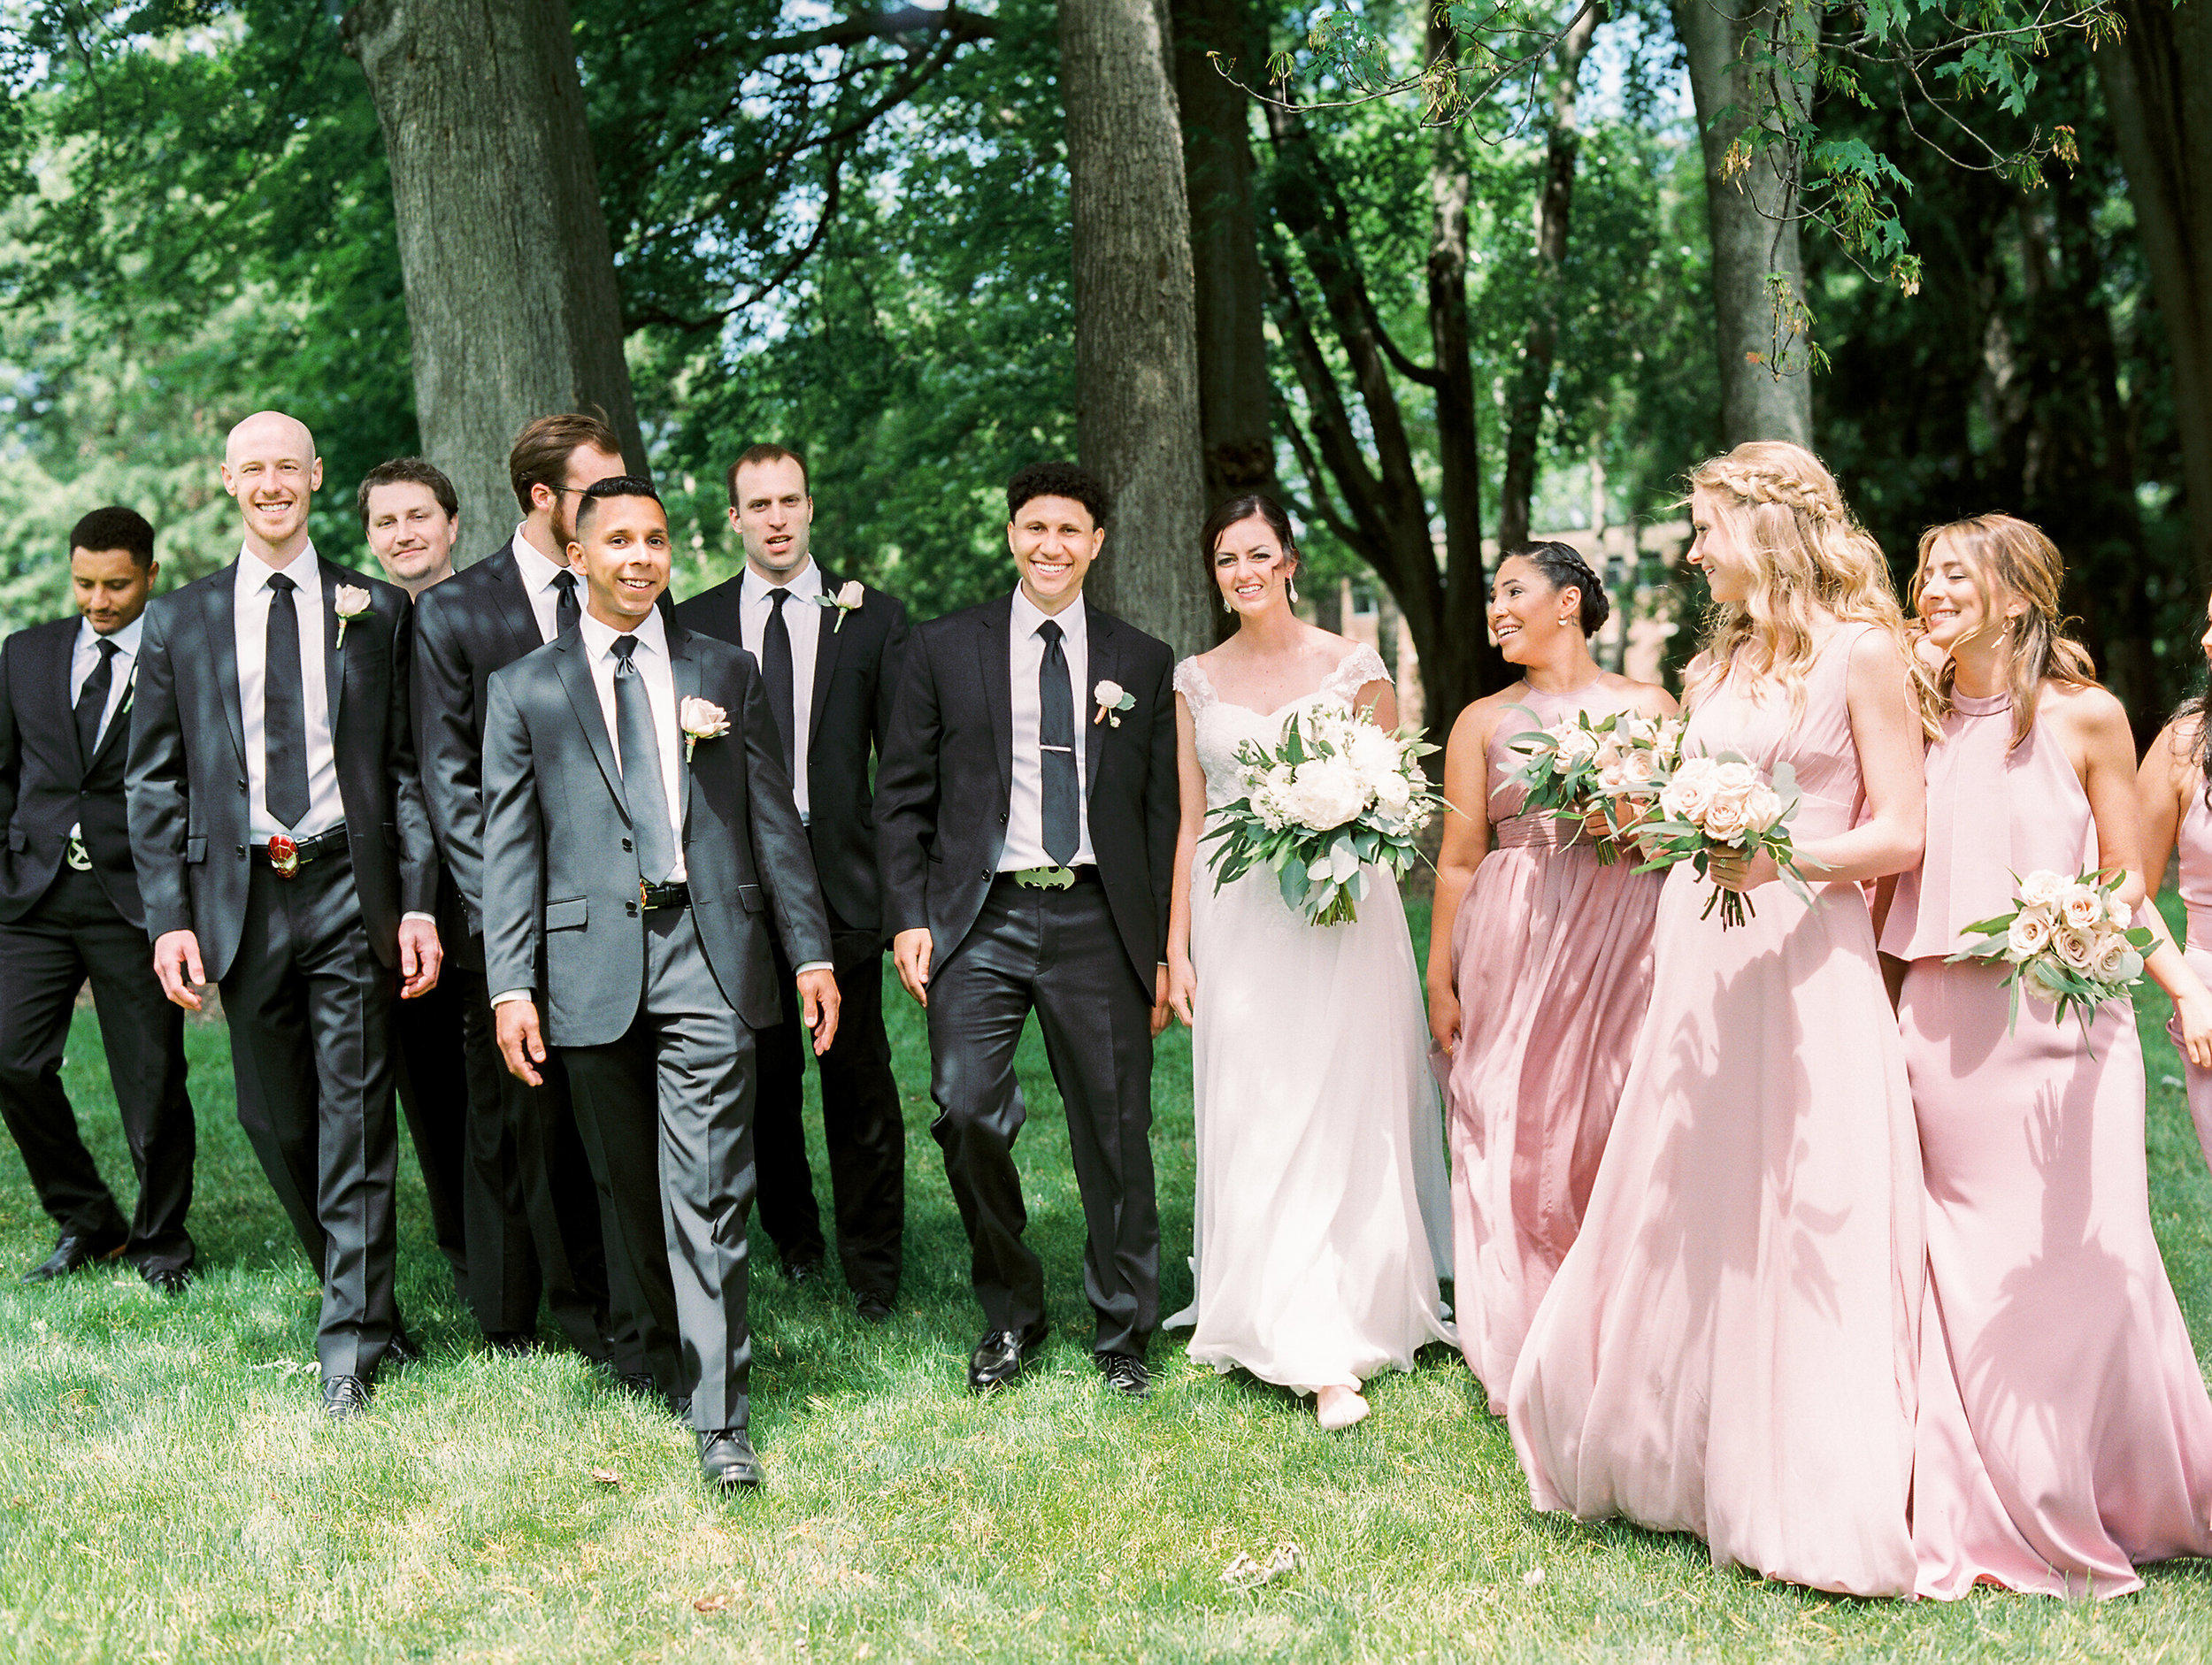 Julius+Wedding+BridalPartyf-53.jpg